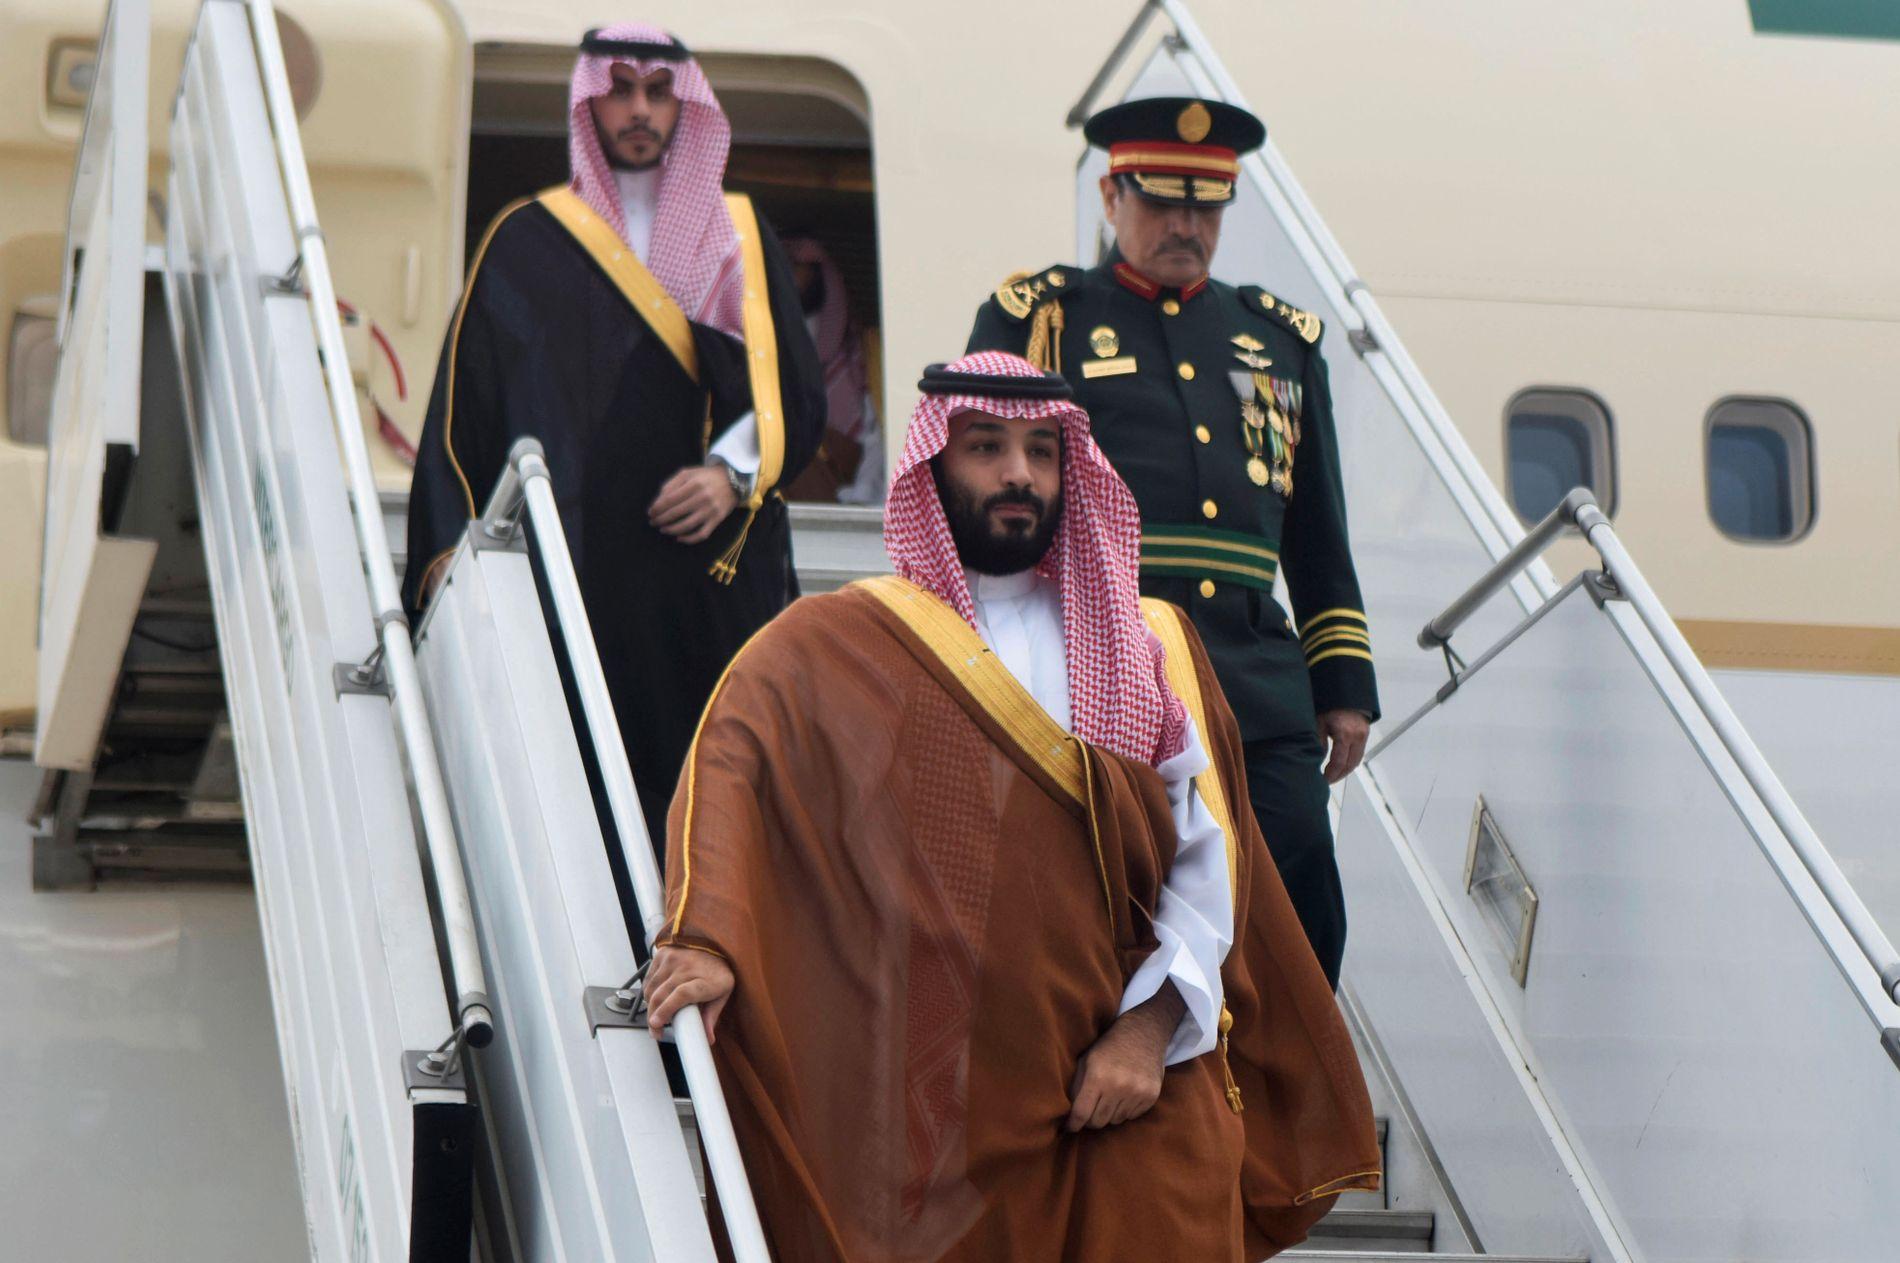 PÅ PLASS I ARGENTINA: Saudi-Arabias omstridte kronprins, Mohammed bin Salman, ankommer Buenos Aires for å delta på toppmøtet i G20.